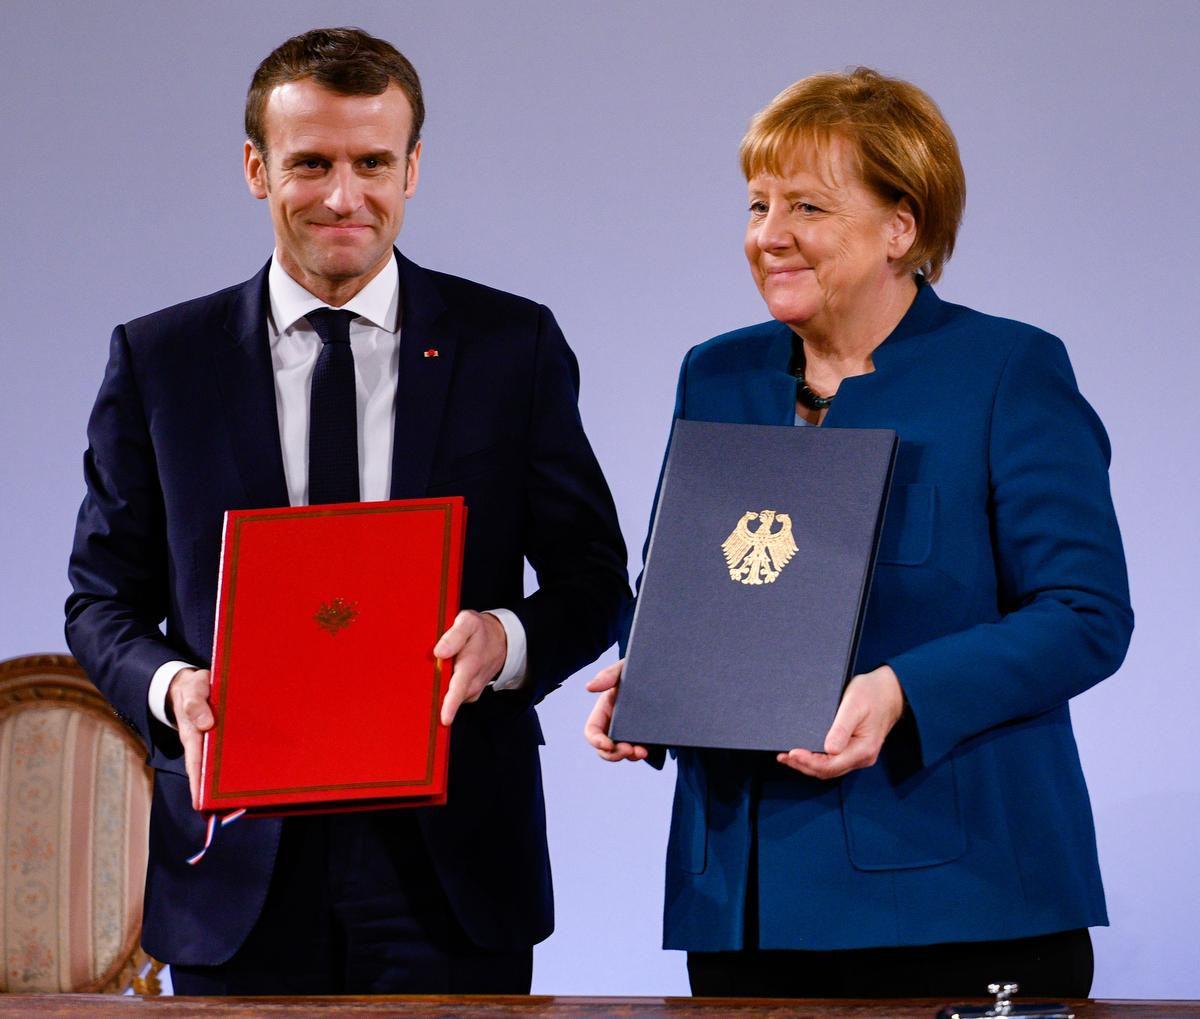 Меркель и Макрон подписали новый договор об углубленной интеграции своих стран